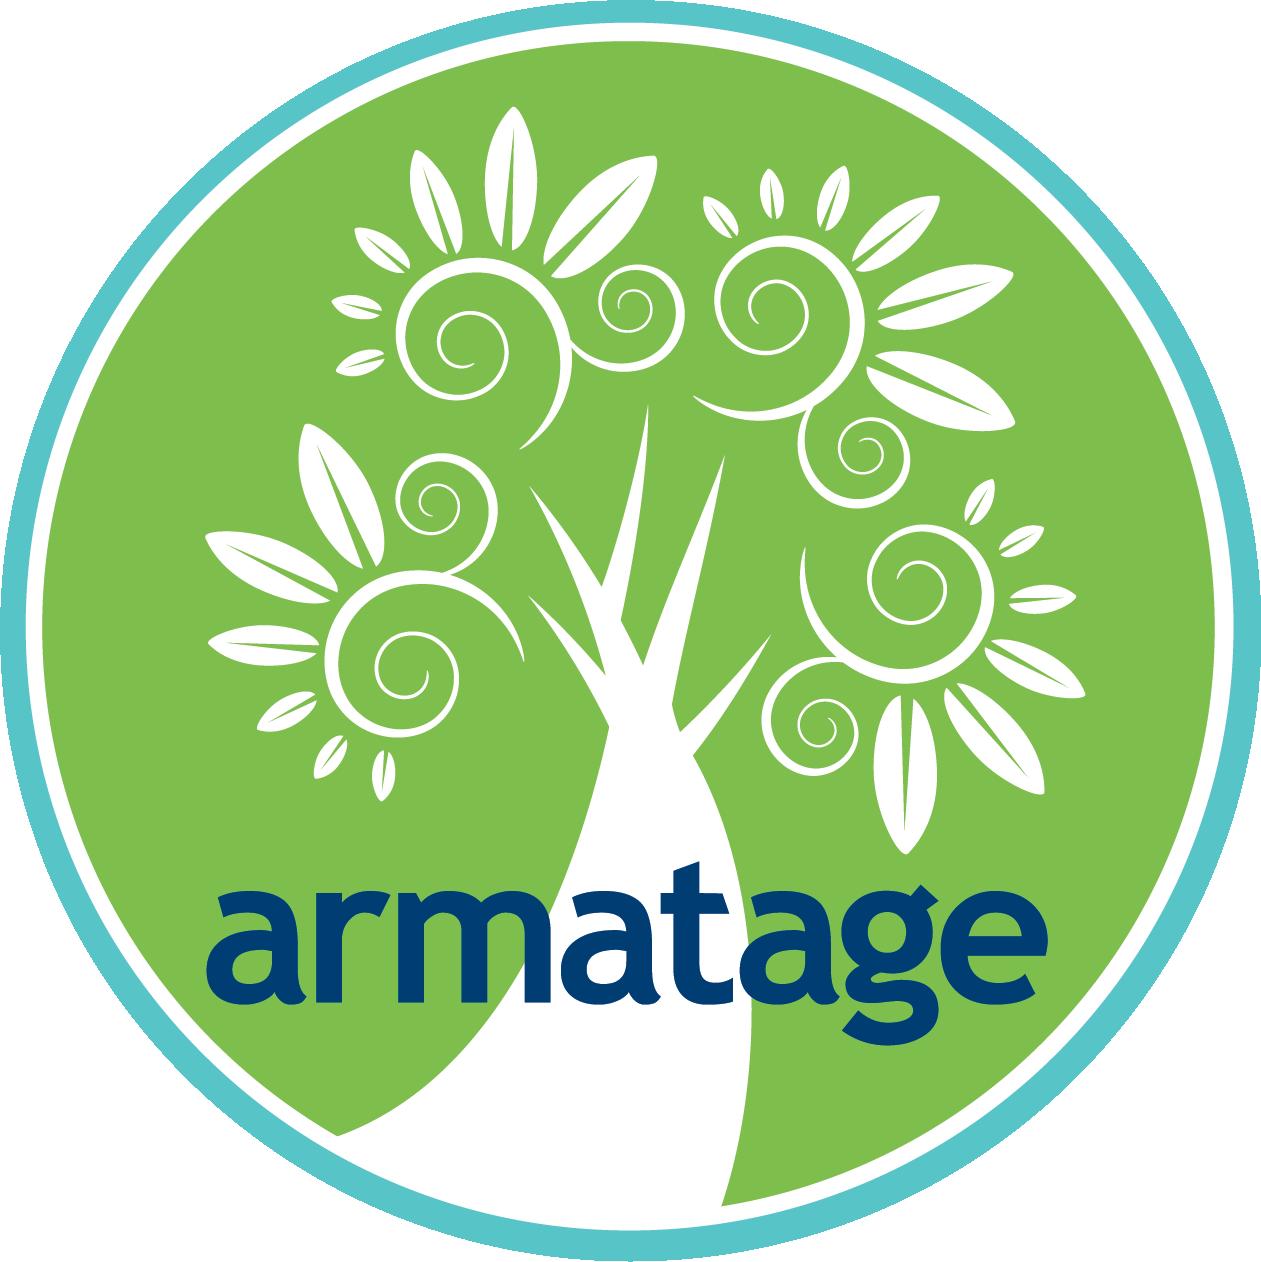 Armatage Neighborhood Association